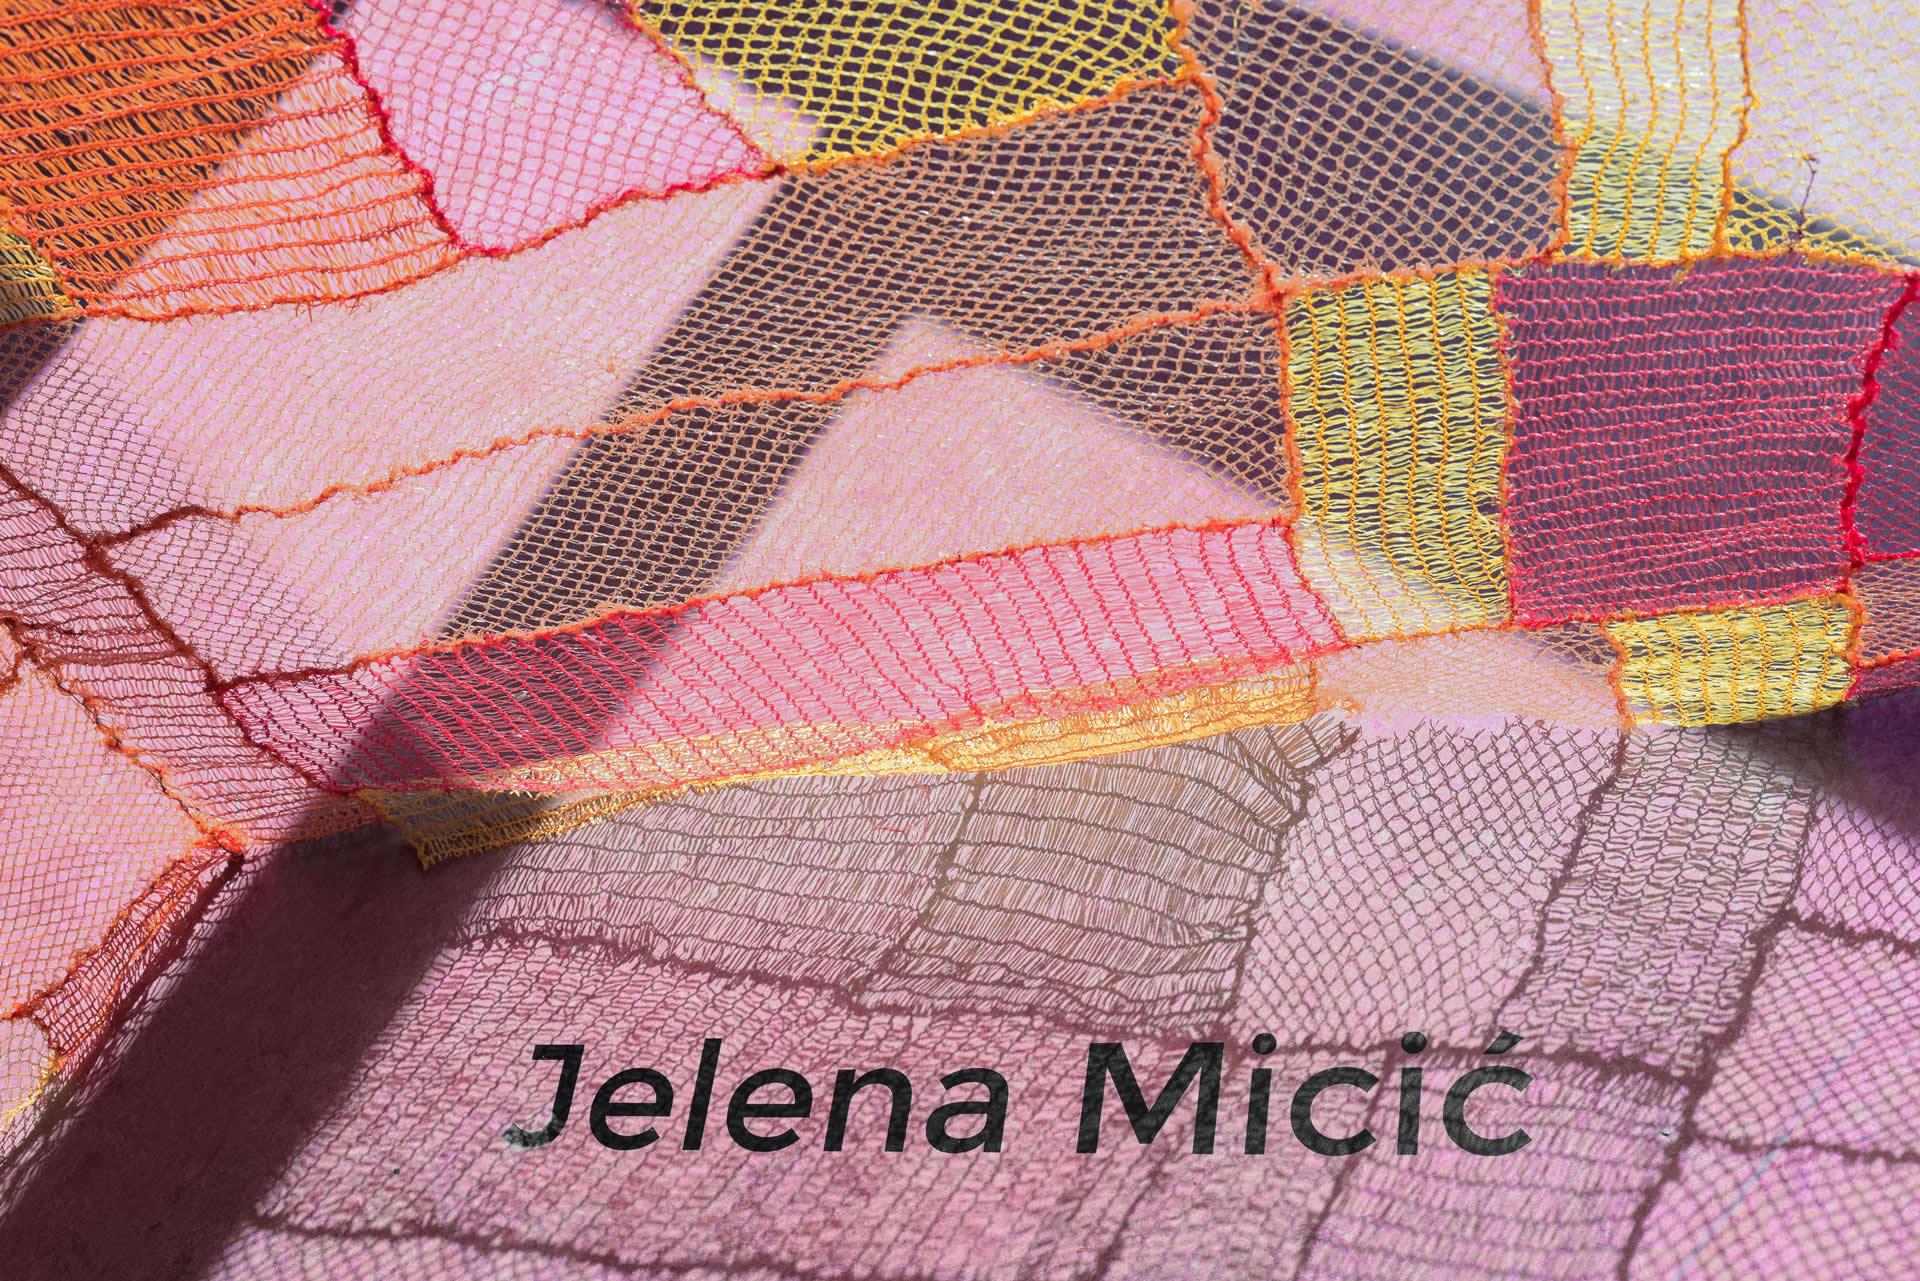 Jelena Micić | Foto: Joanna Pianka eSeL.at